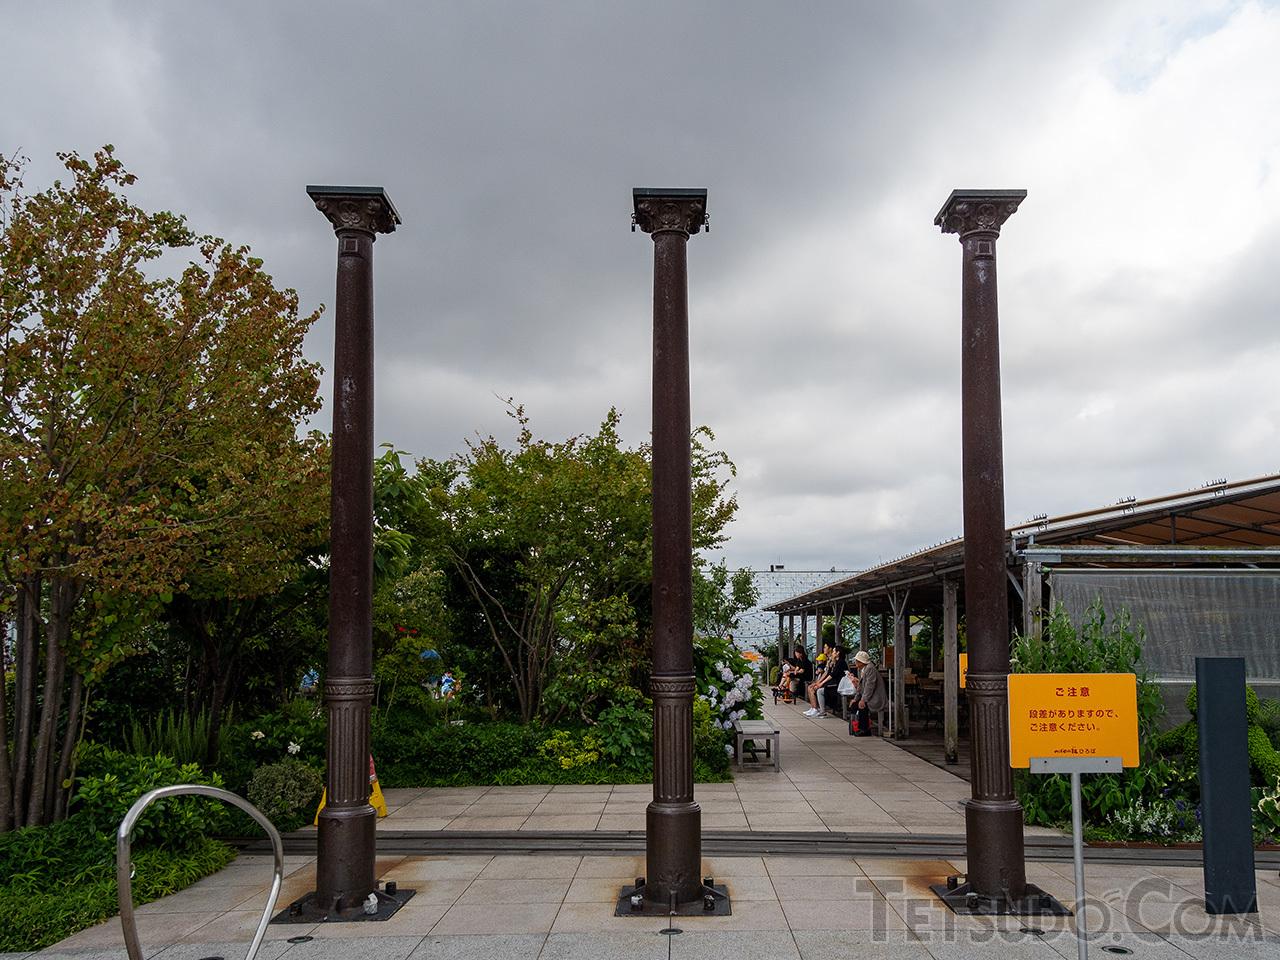 博多駅屋上のつばめの杜広場には、旧博多駅のホームに使われていた柱が保存・展示されています